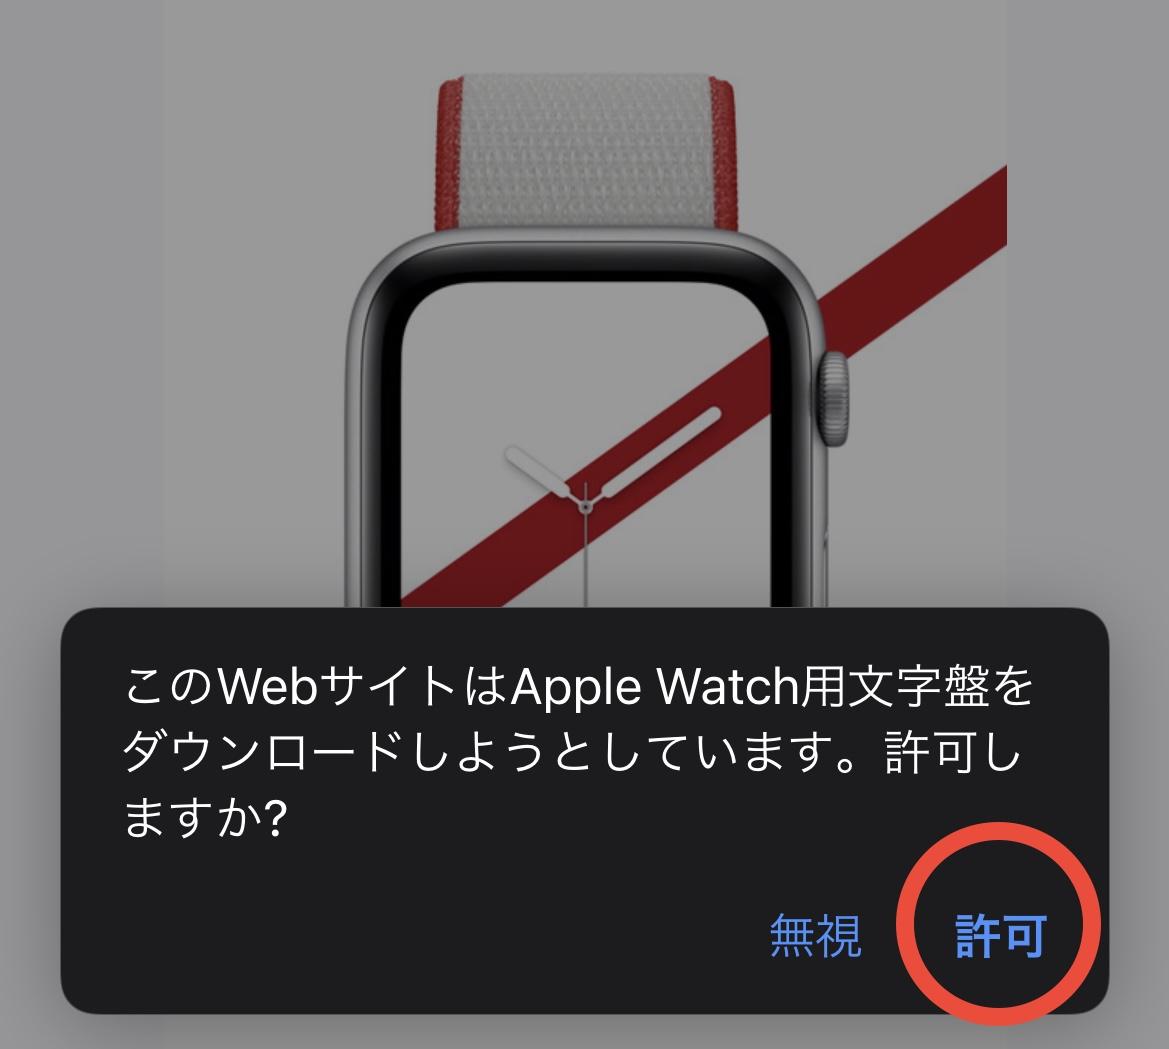 f:id:lifesearch:20210704193958j:plain